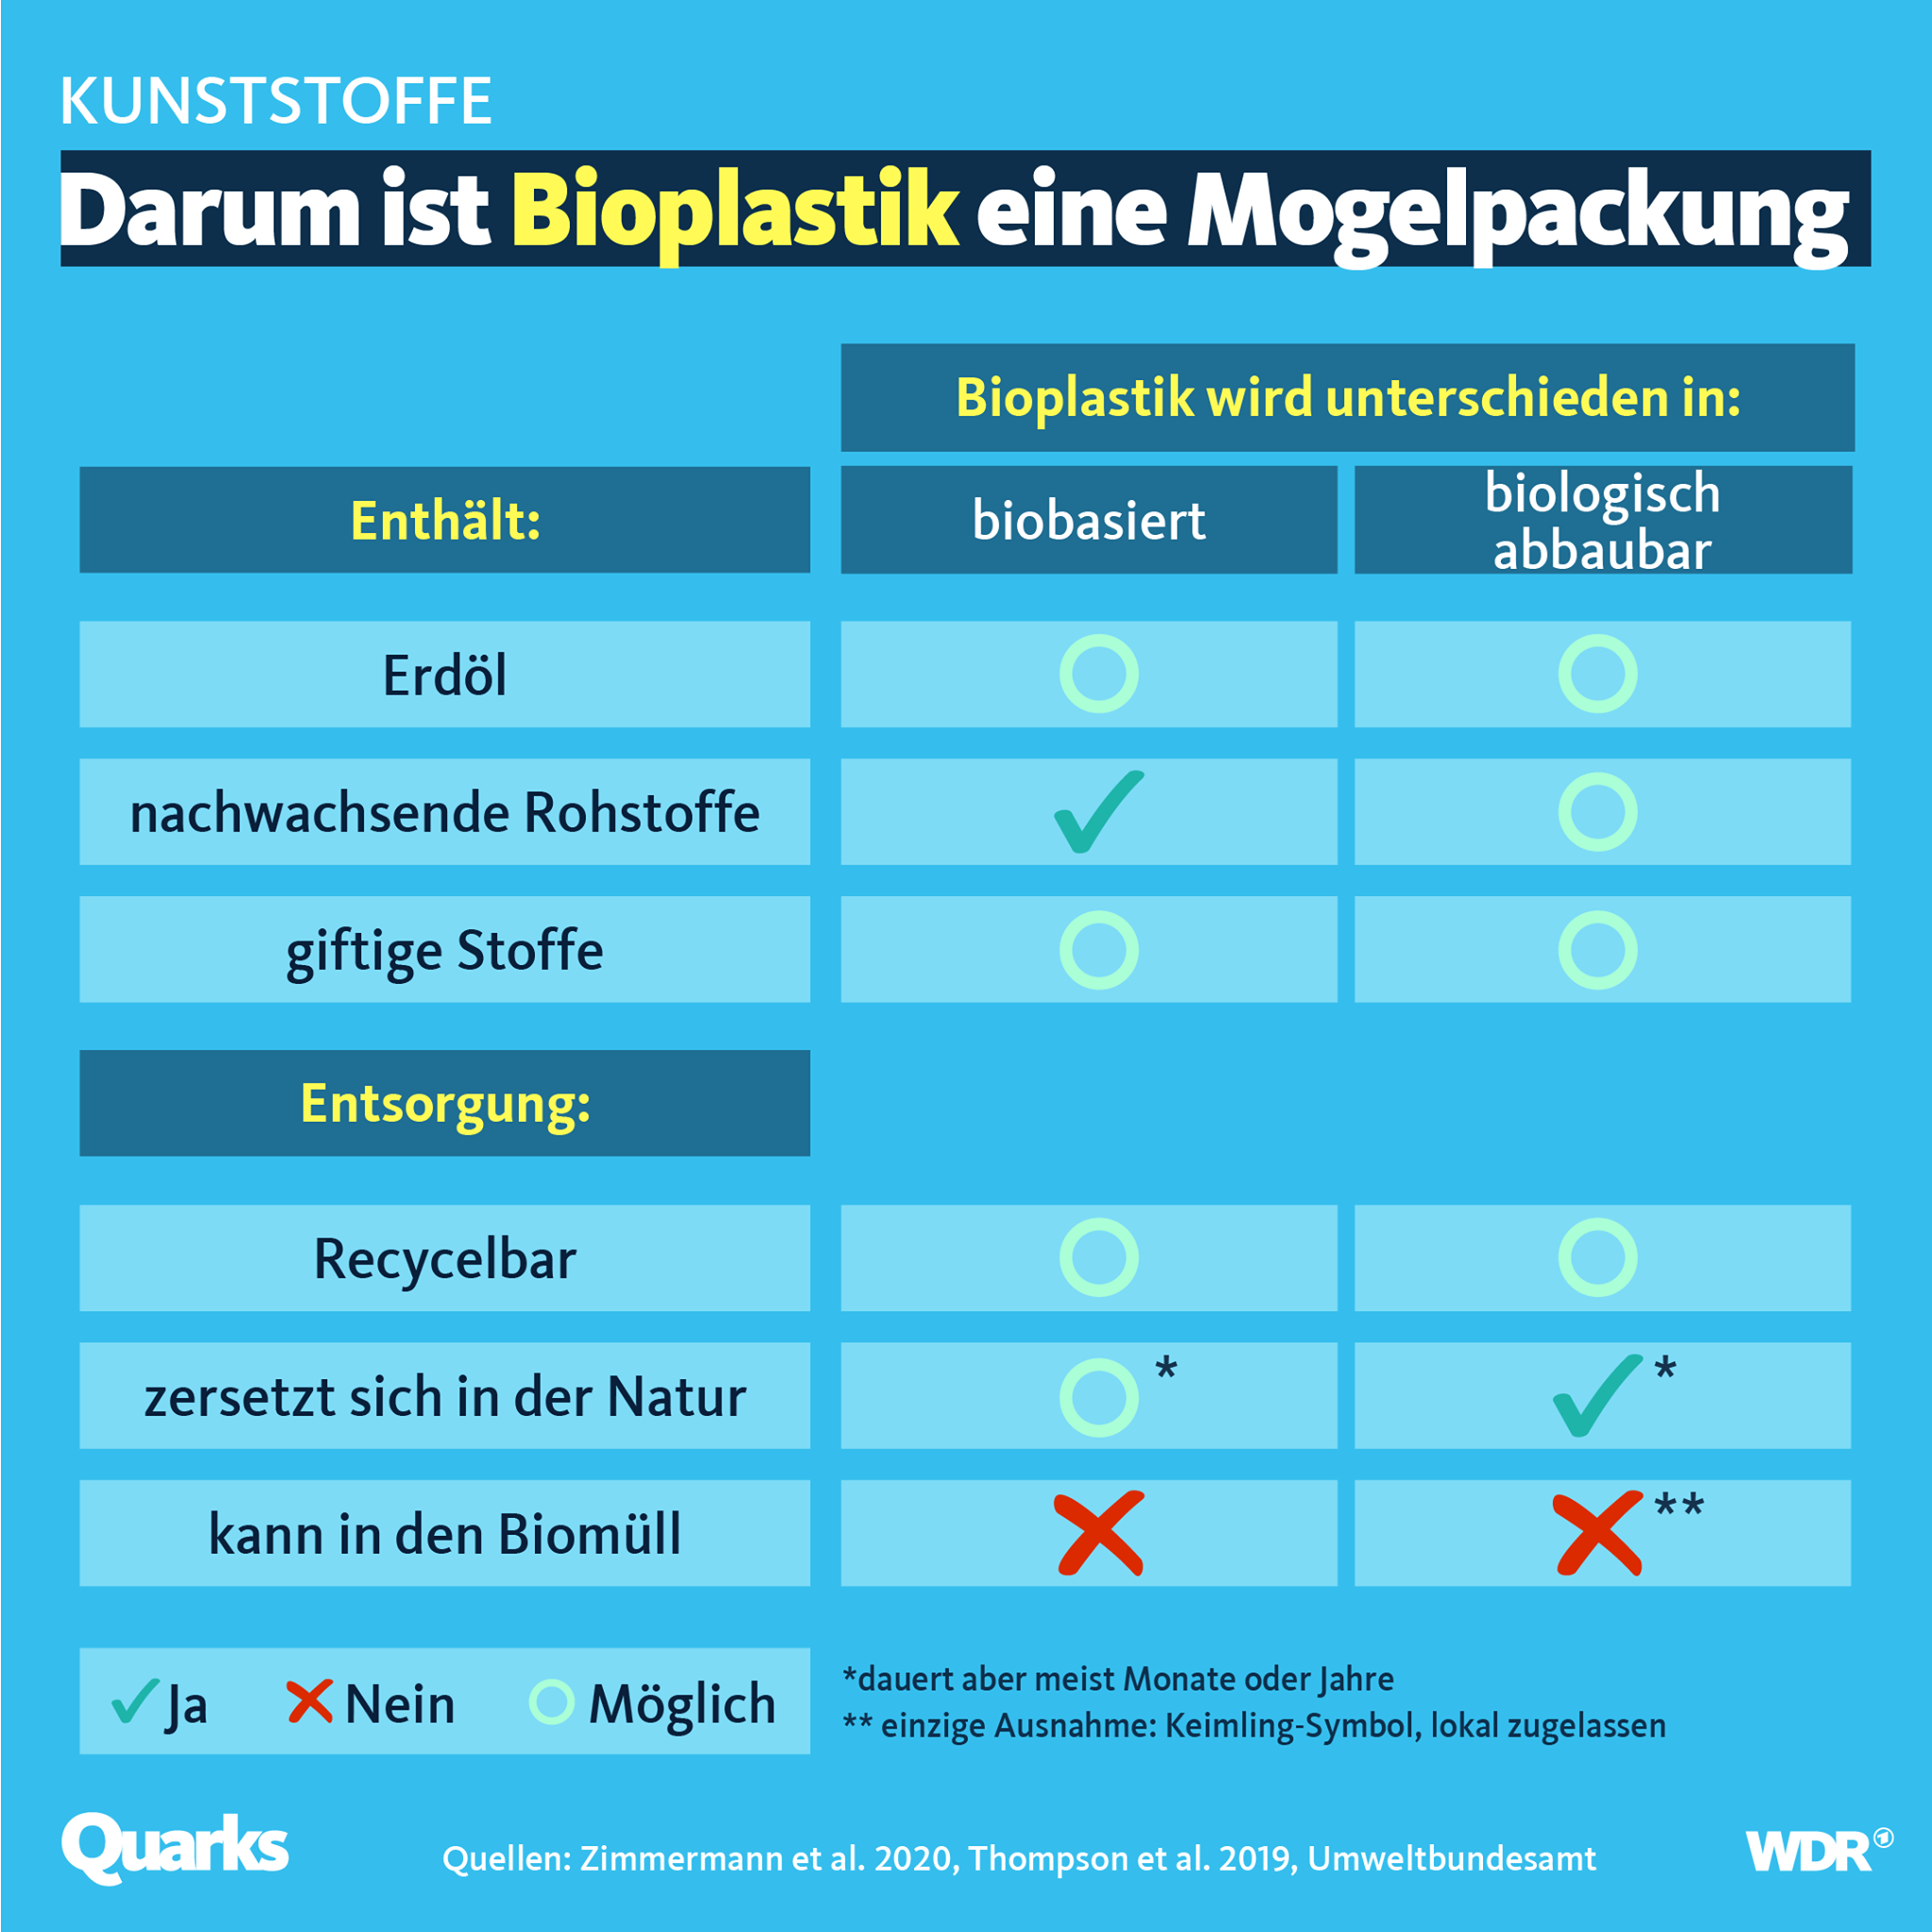 Darum ist Bioplastik eine Mogelpackung